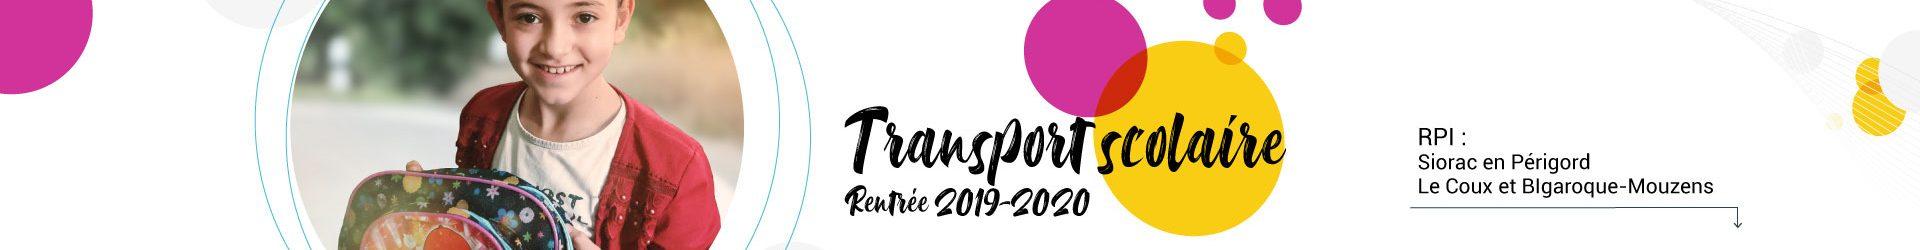 Transport scolaire :  rentrée 2019-2020